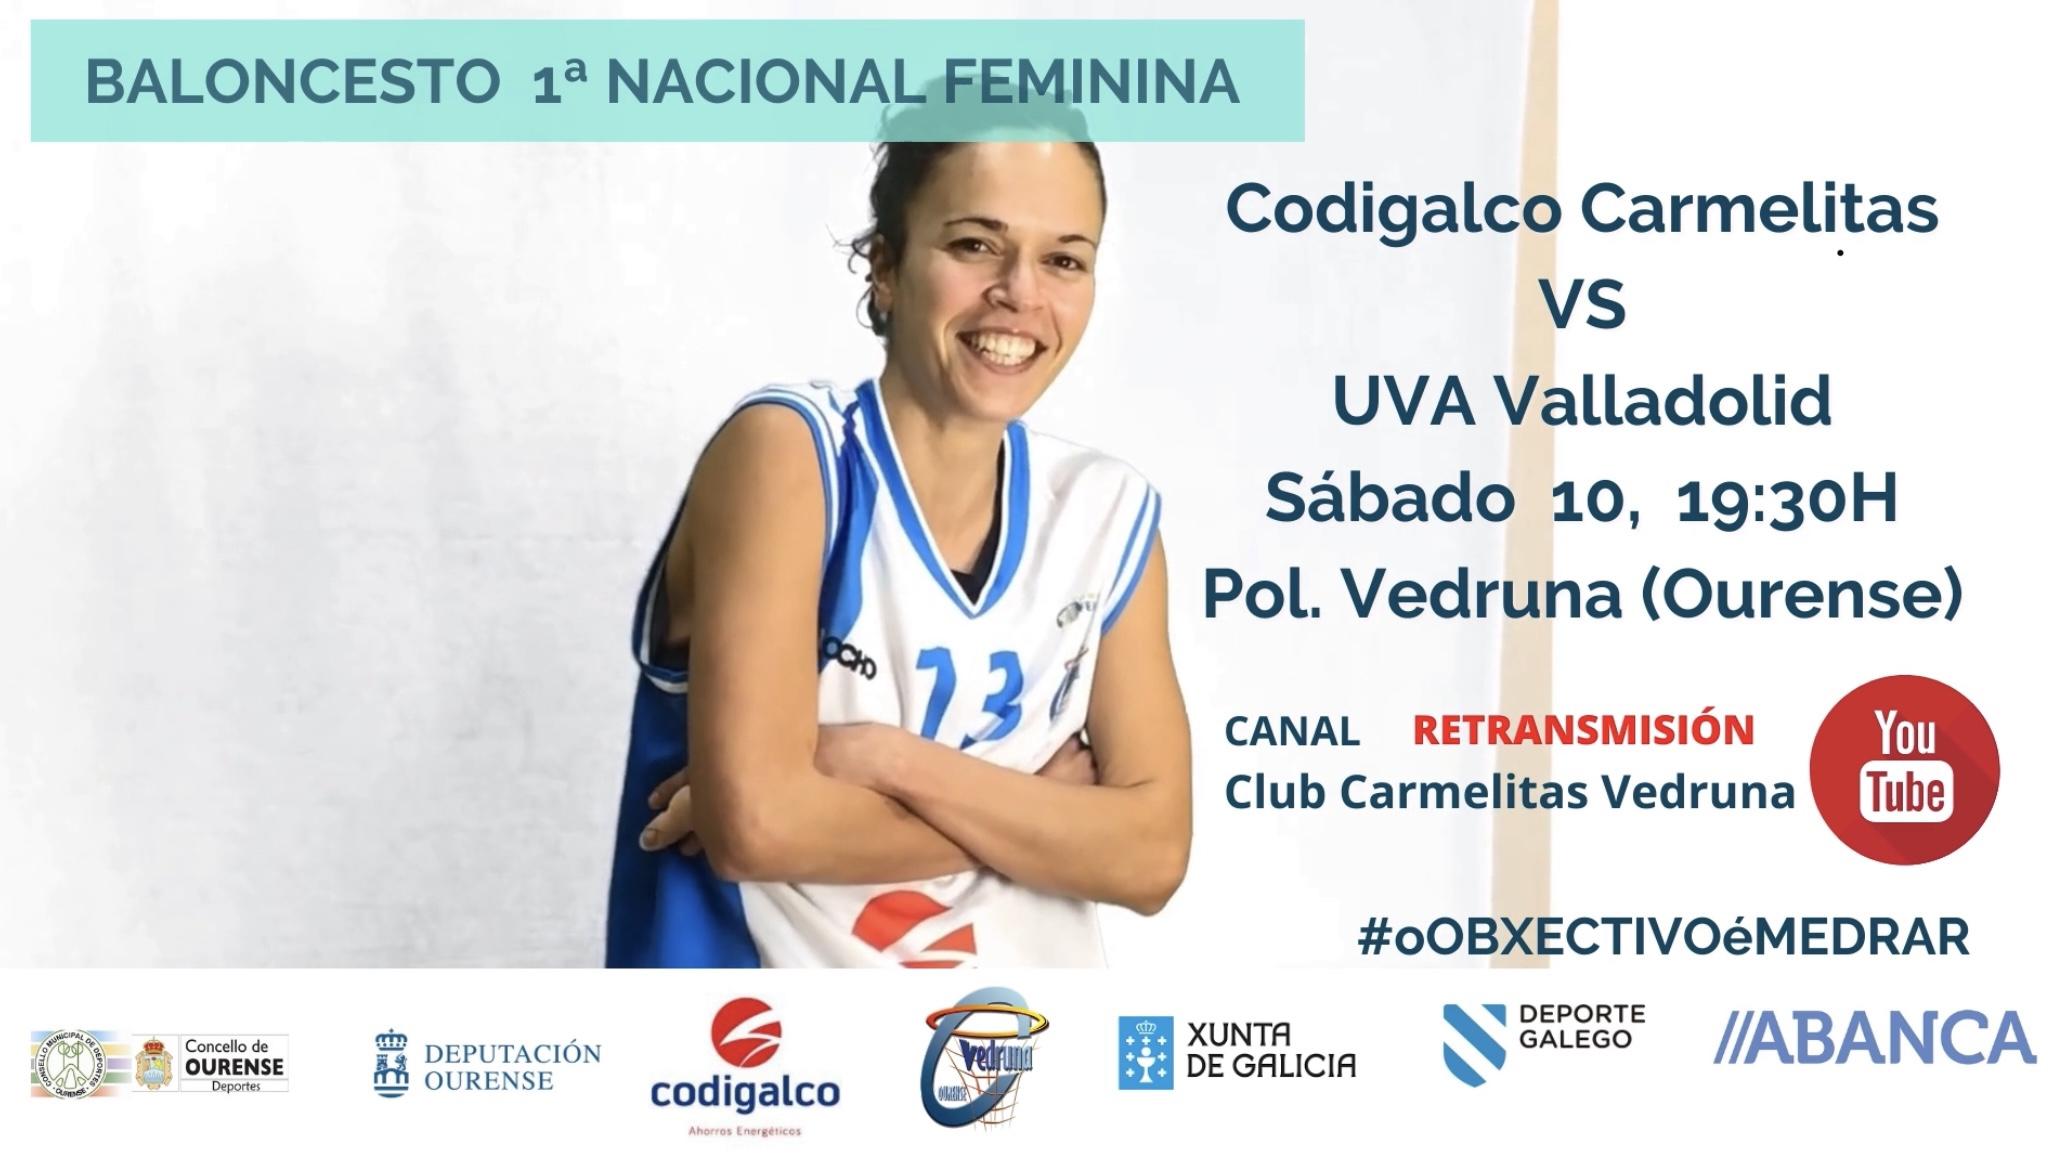 1ª División Nacional Femenina: Codigalco Carmelitas vs Universidad de Valladolid